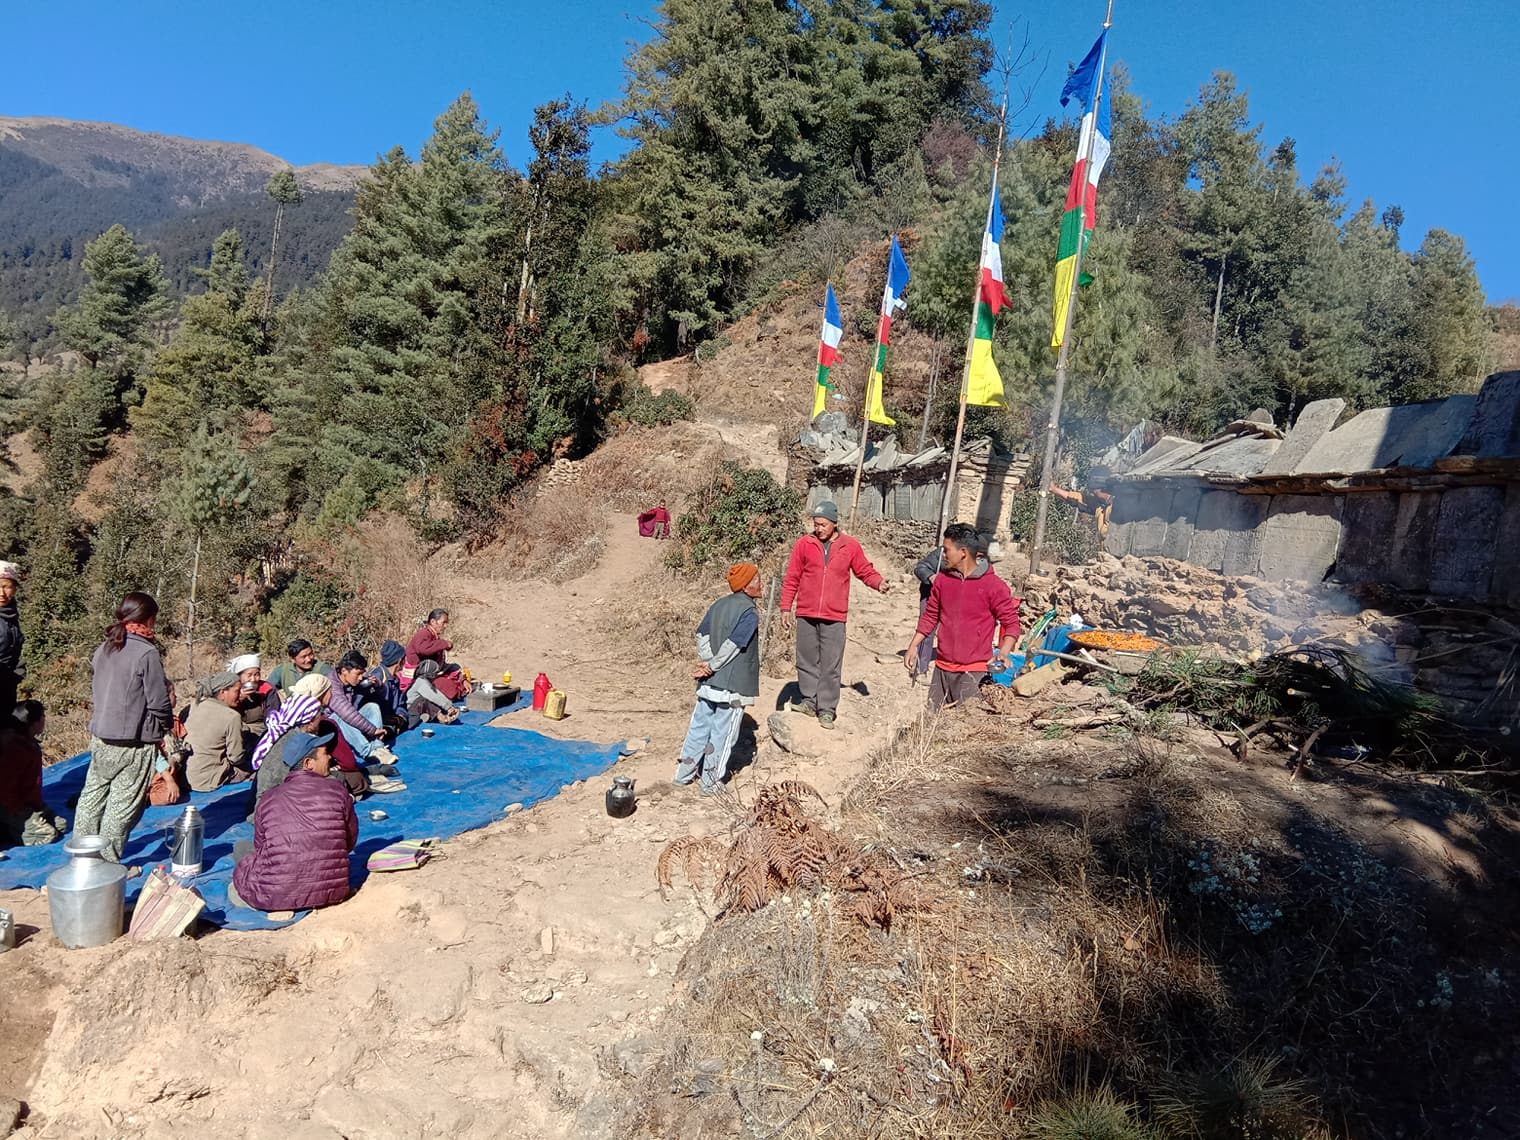 भुकम्पले भत्केको माने पुन निर्माण गर्दै स्थानीय